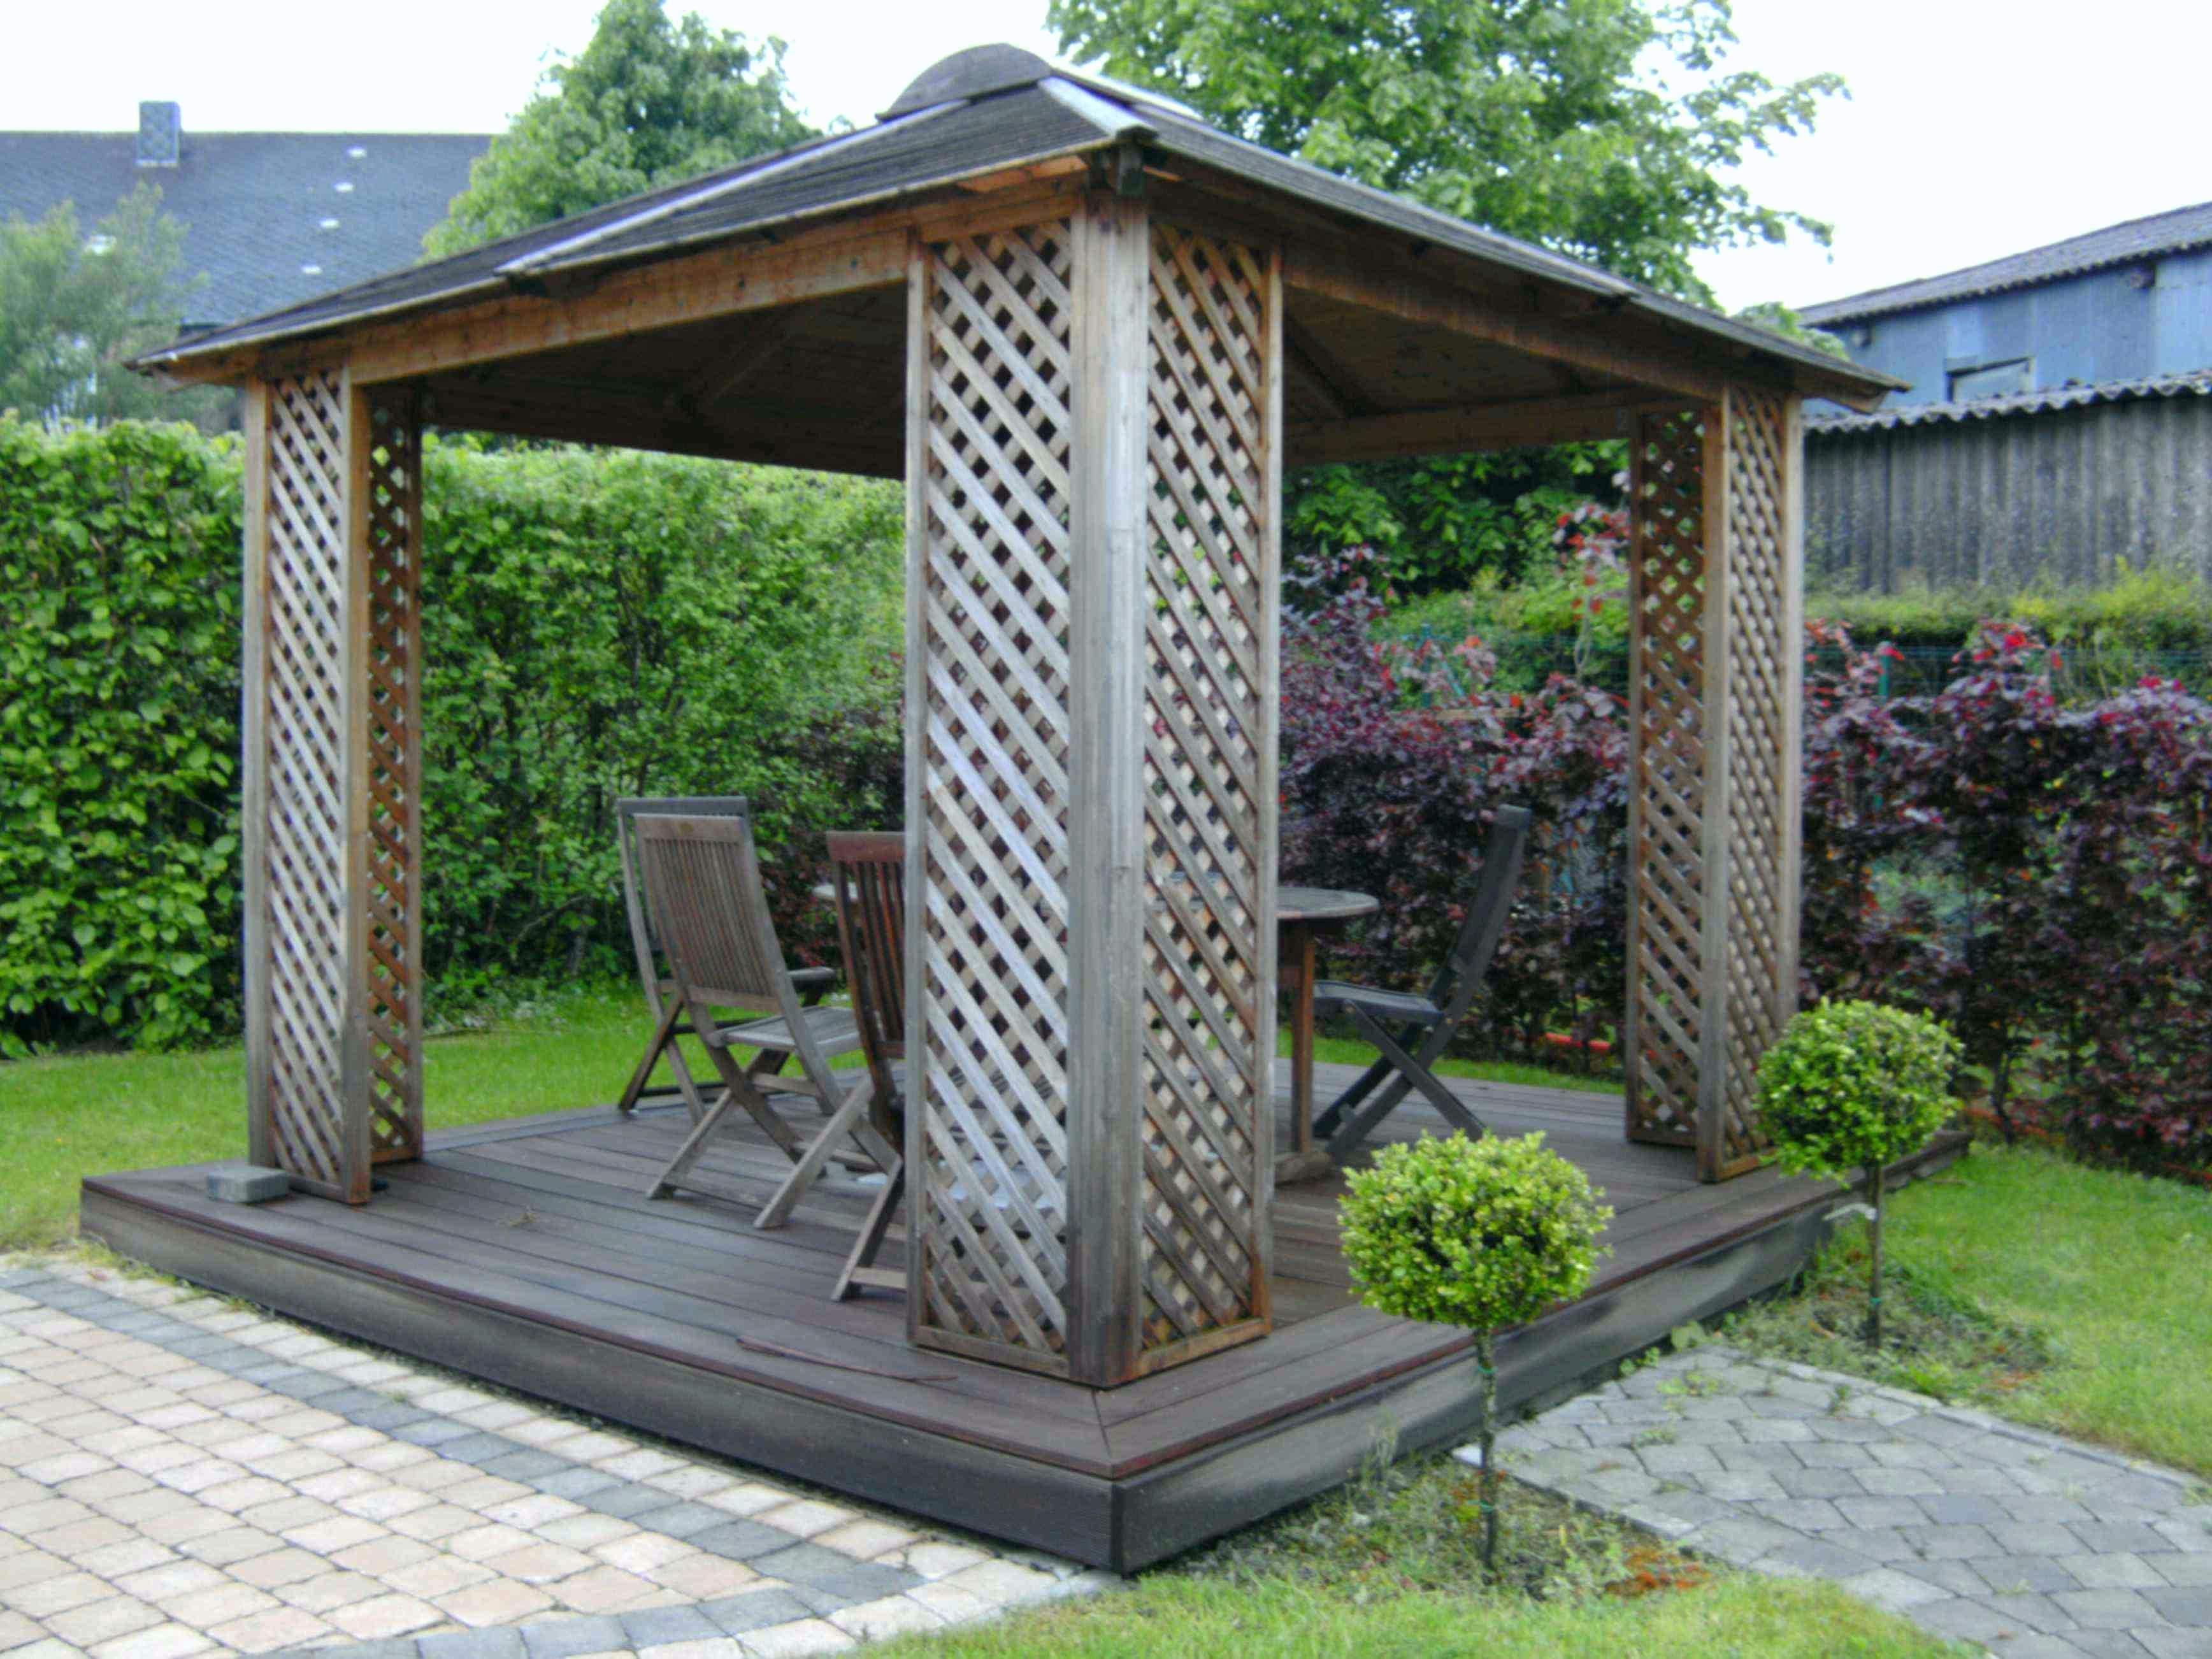 Le Jardin Des Sens Hennebont Élégant Galerie Jardin Des Sens Hennebont Magnifique Le Jardin Des Sens Cuisine Et